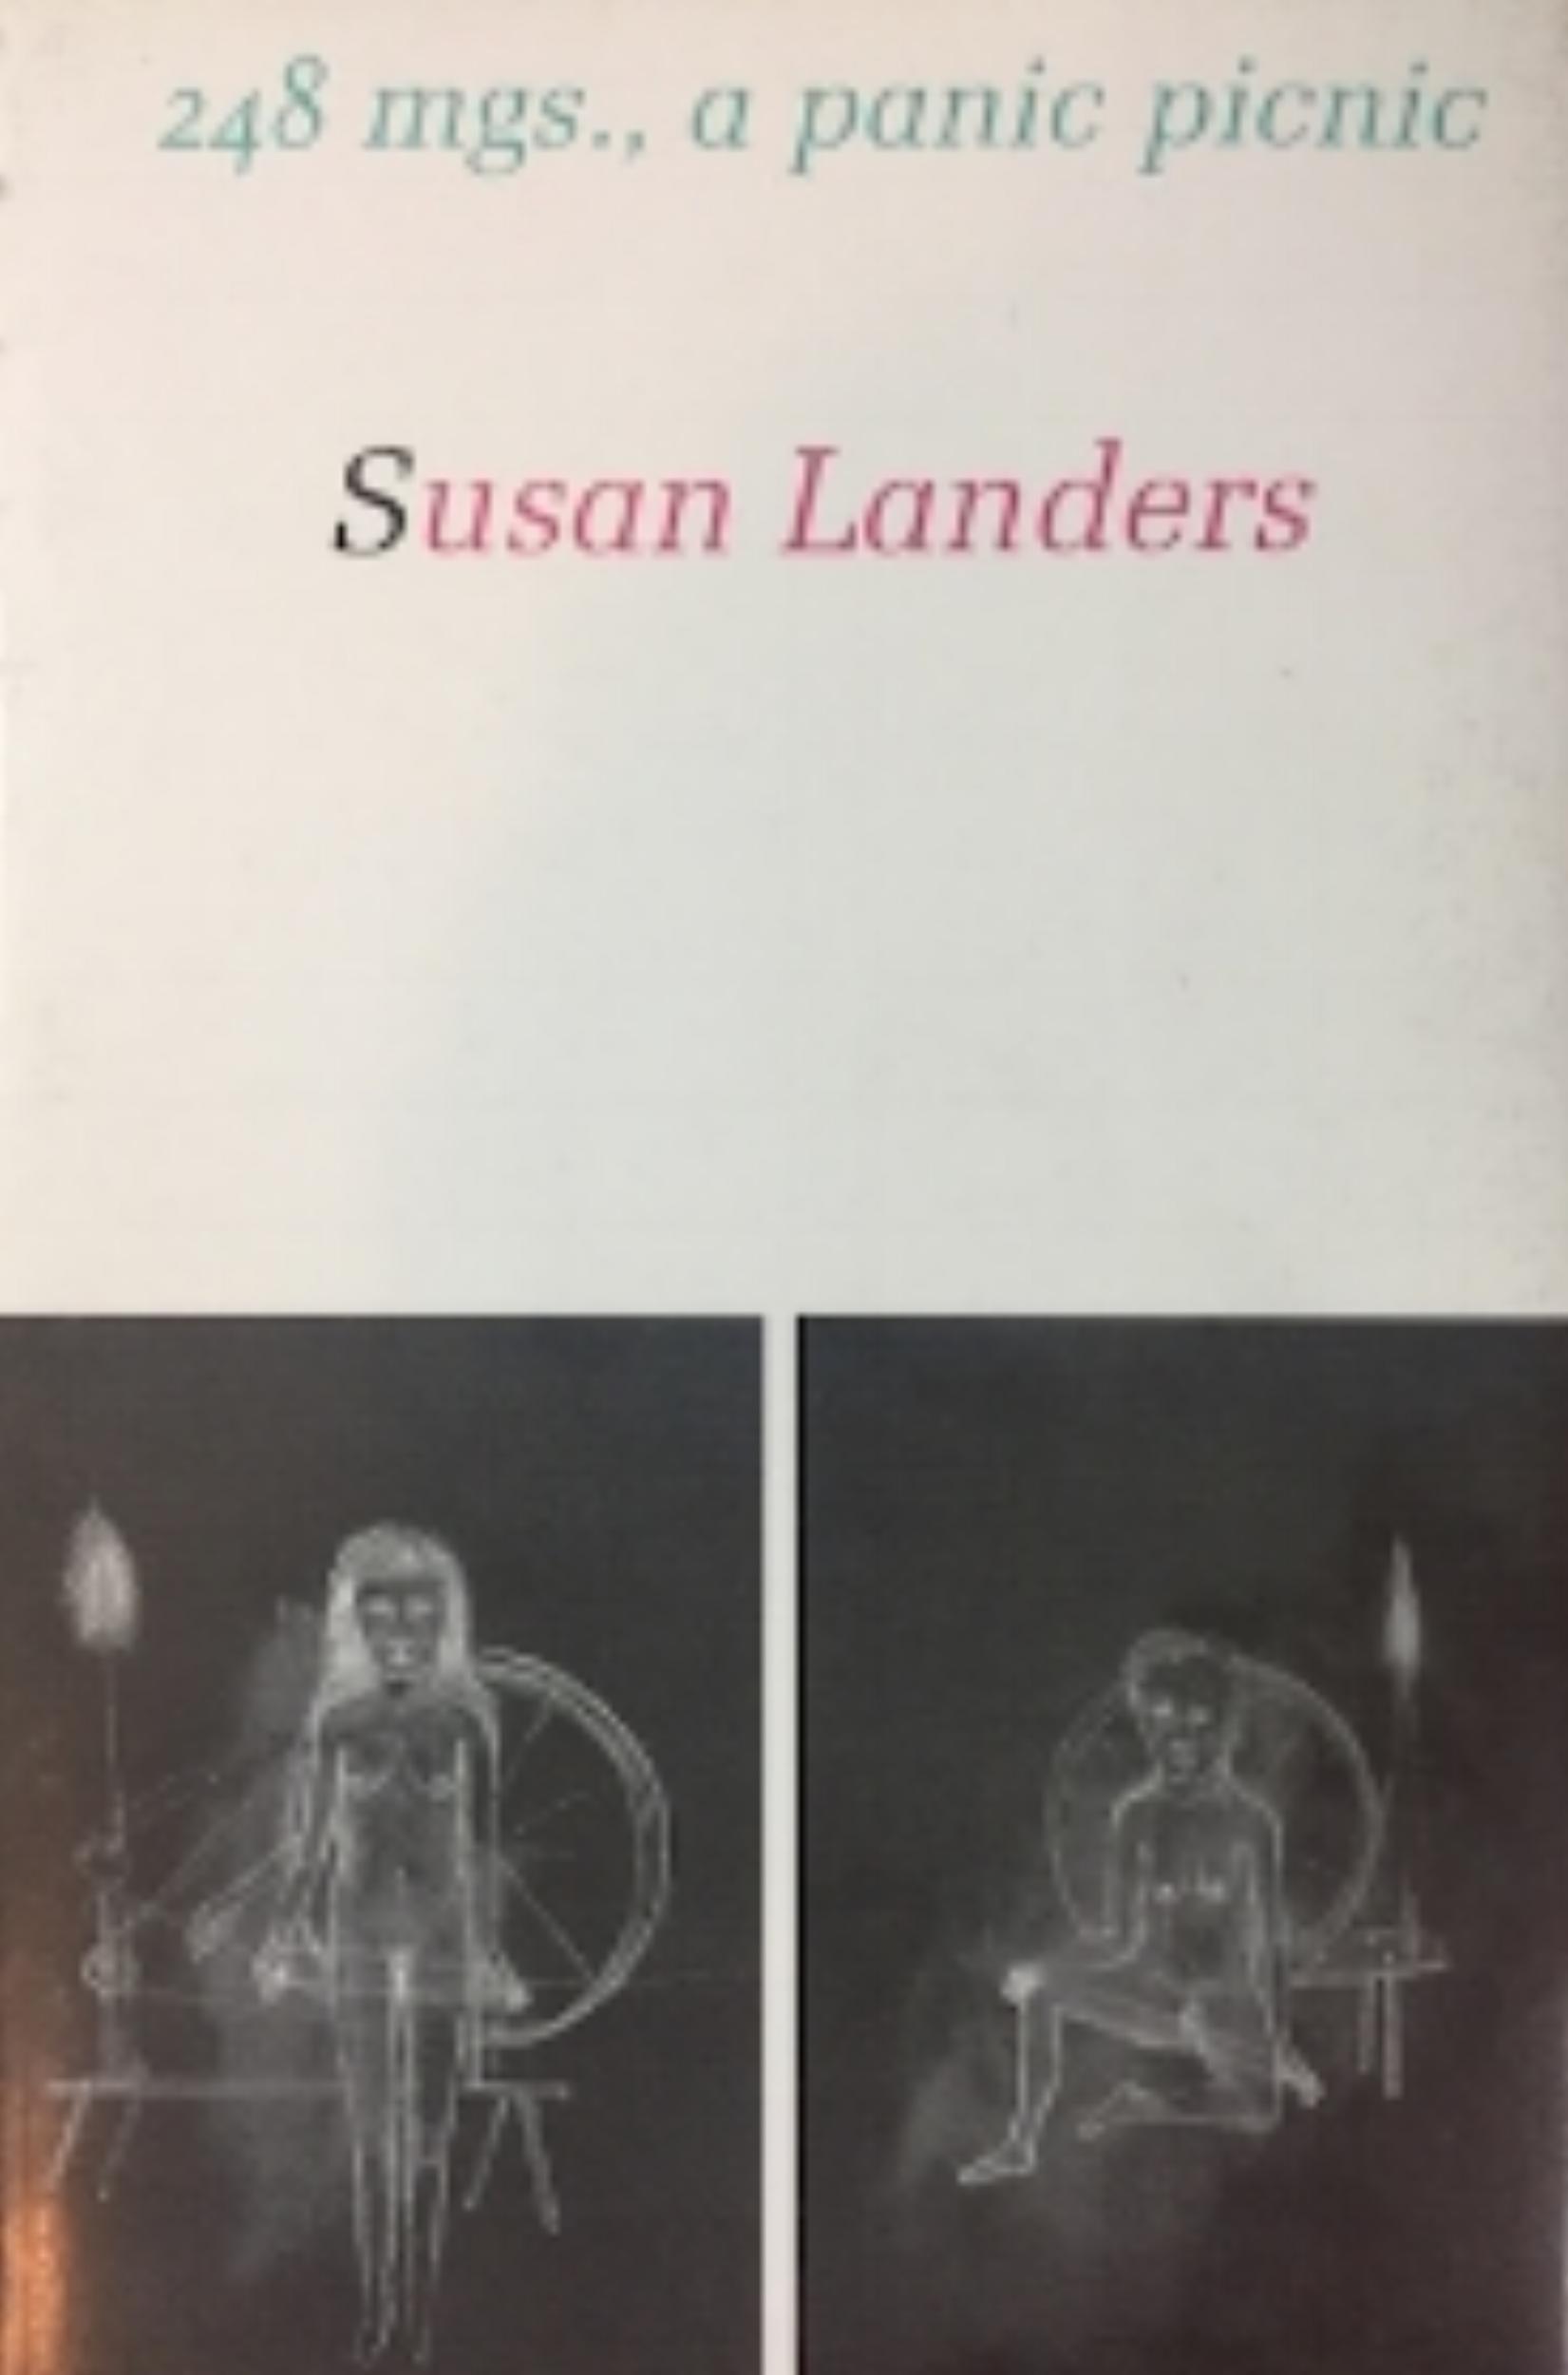 Susan-Landers-248mgs.jpg